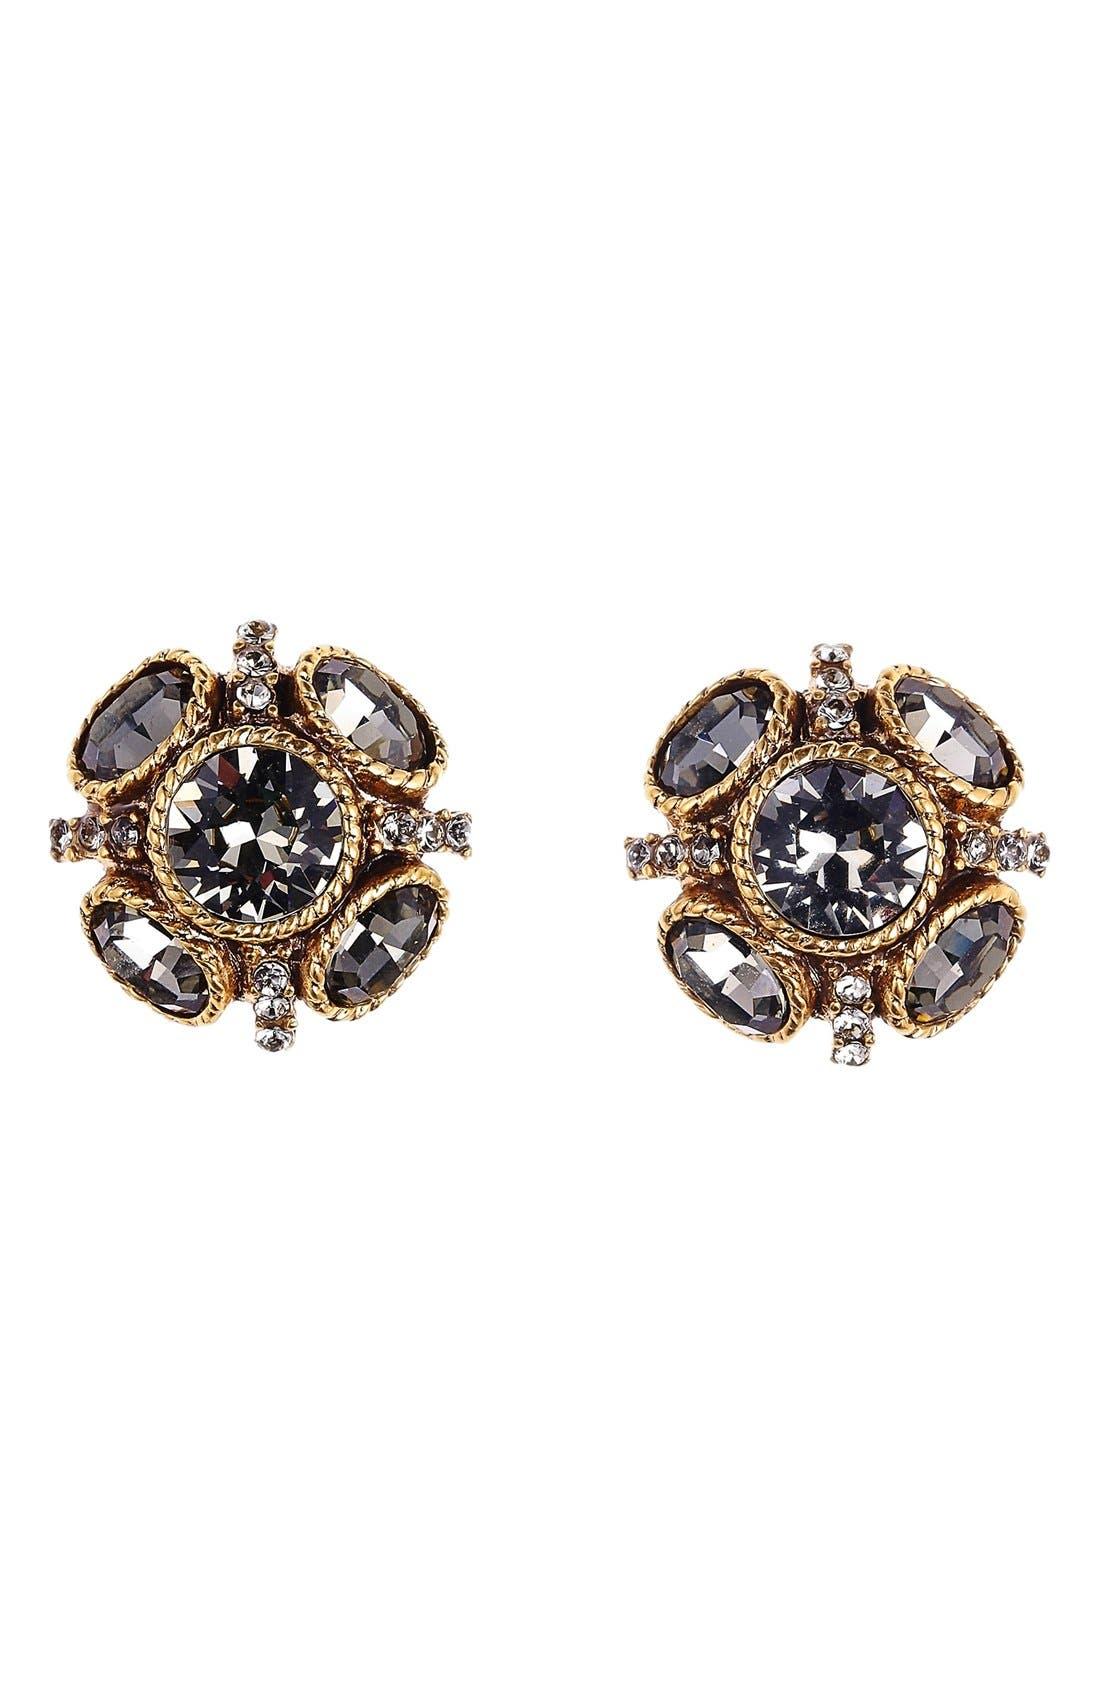 Main Image - Oscar de la Renta 'Classic Button' Stud Earrings